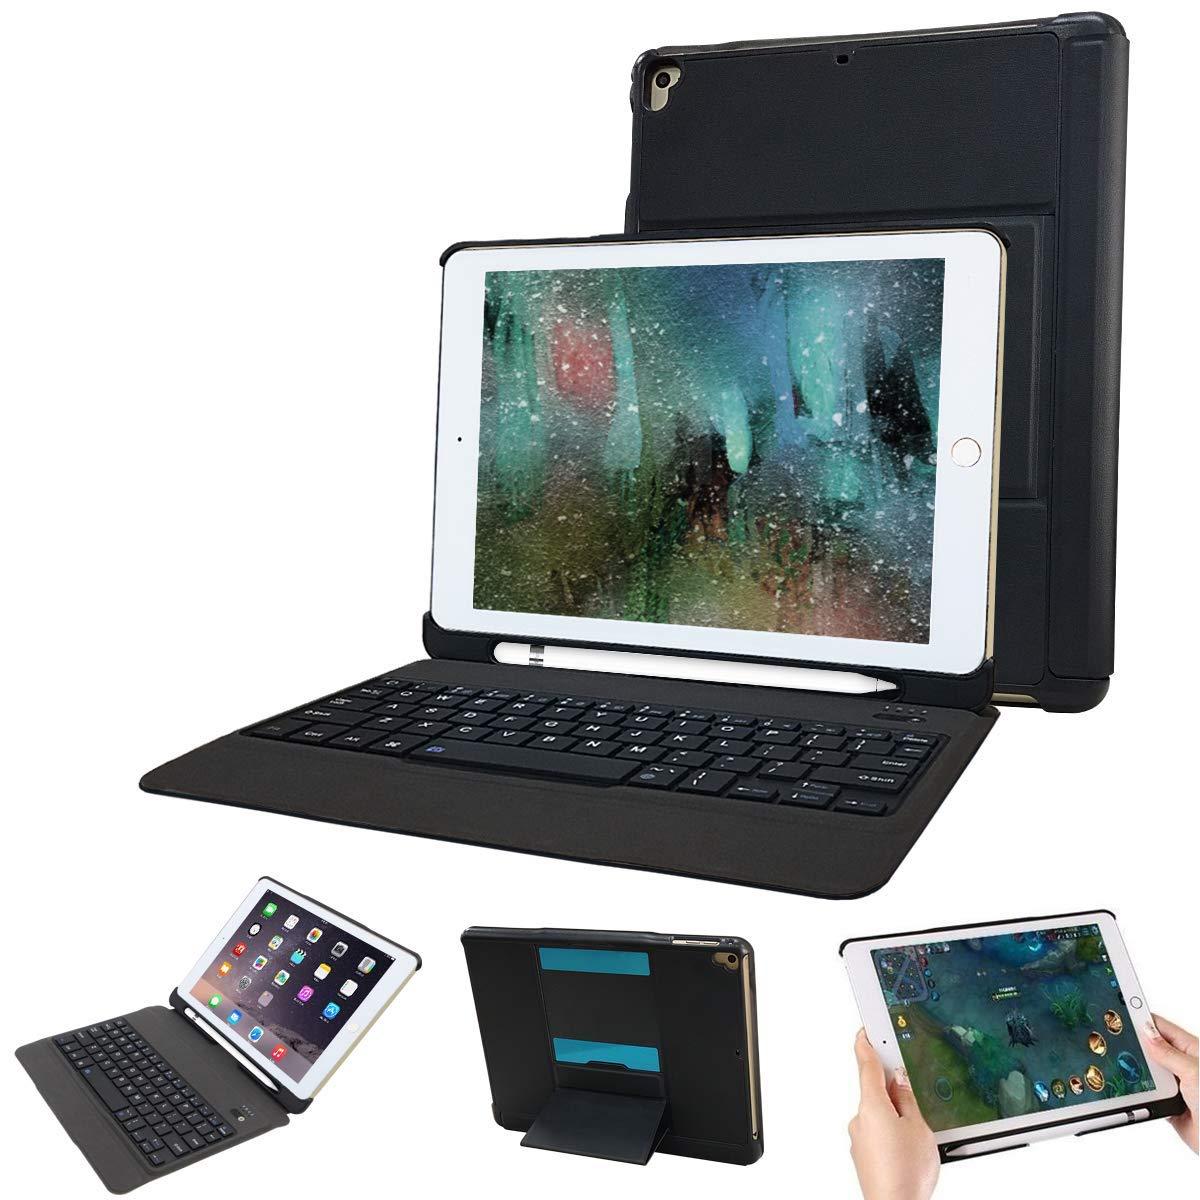 iPad 9.7 ワイヤレスキーボード ケース付き 分離式 耐衝撃 超薄型 タッチペン収納可能 取り外す可能 スタンド機能 ipad 第6世代 9.7 キーボード 2018 ケース カバー ケース付きiPad Air,iPad Air 2,iPad Pro 9.7,2017/2018 New iPad 9.7に対応 【日本語説明書付き】 (ブラック)